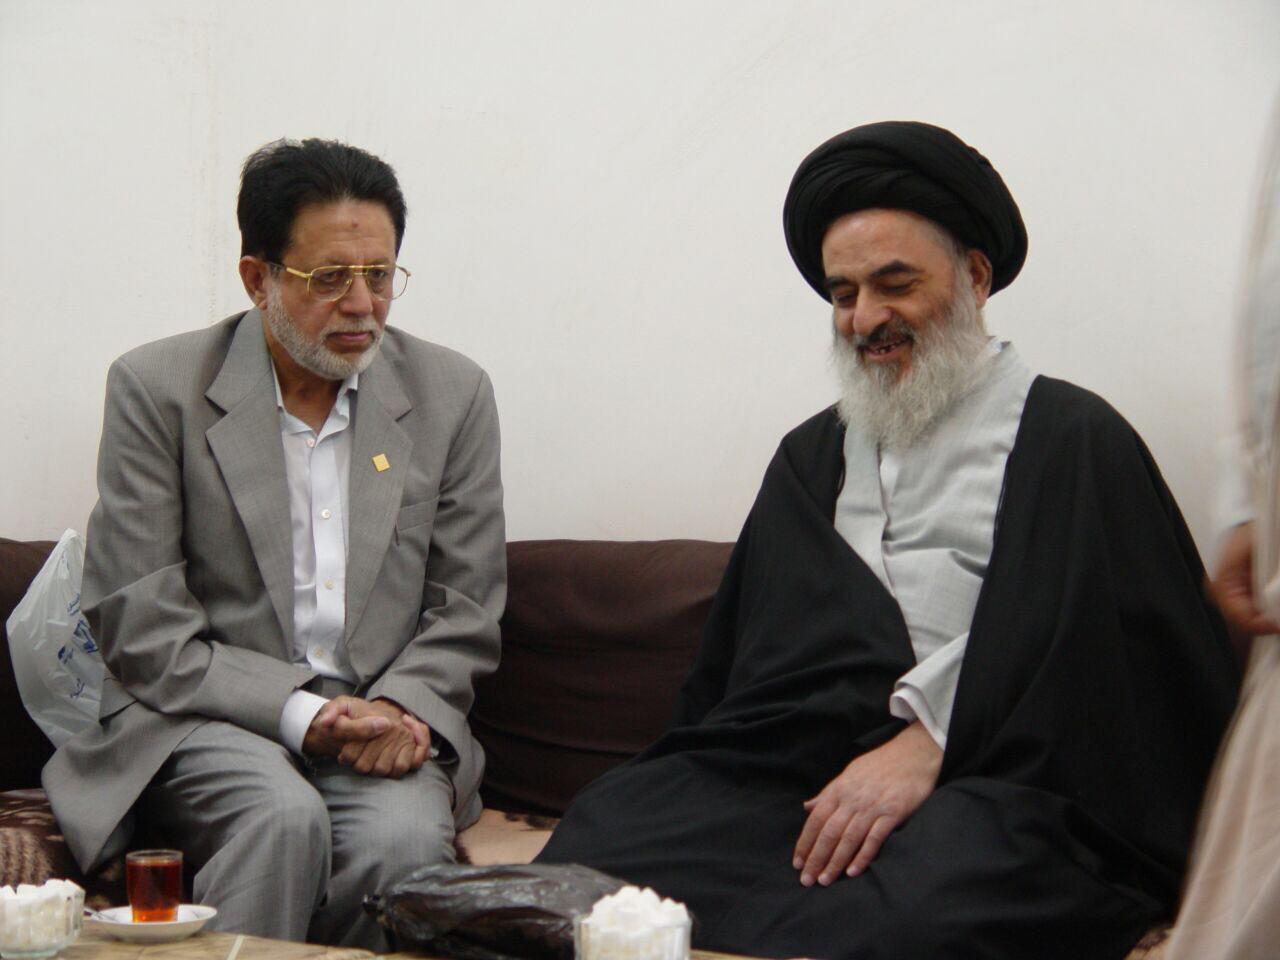 تصویر موسس و بانی حسینیه جنت البقیع در هند درگذشت